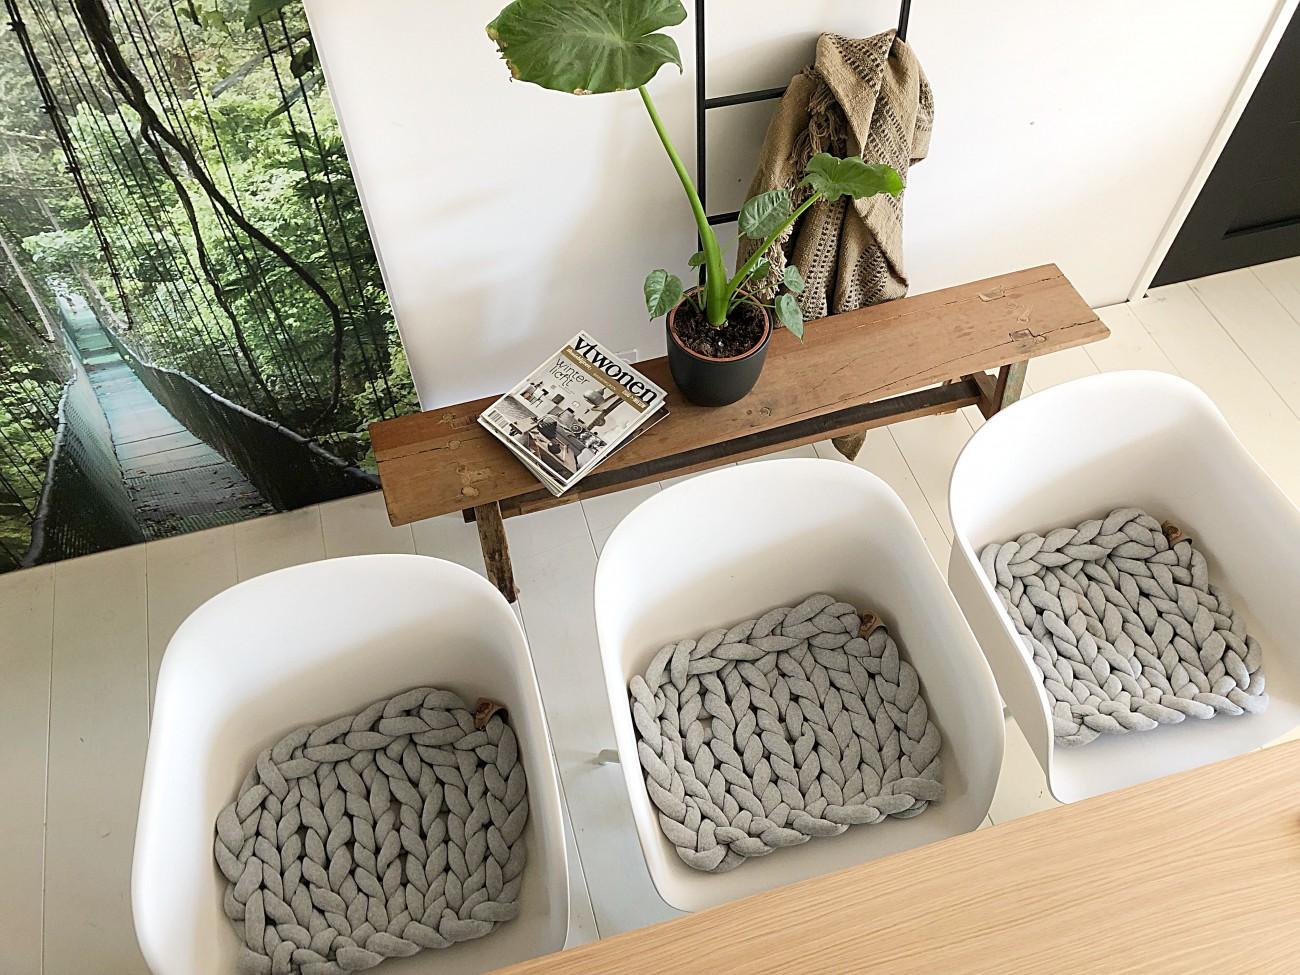 4 Witte Kuipstoelen.Zelf Een Stoelkussen Breien Jellina Detmar Interieur Styling Blog